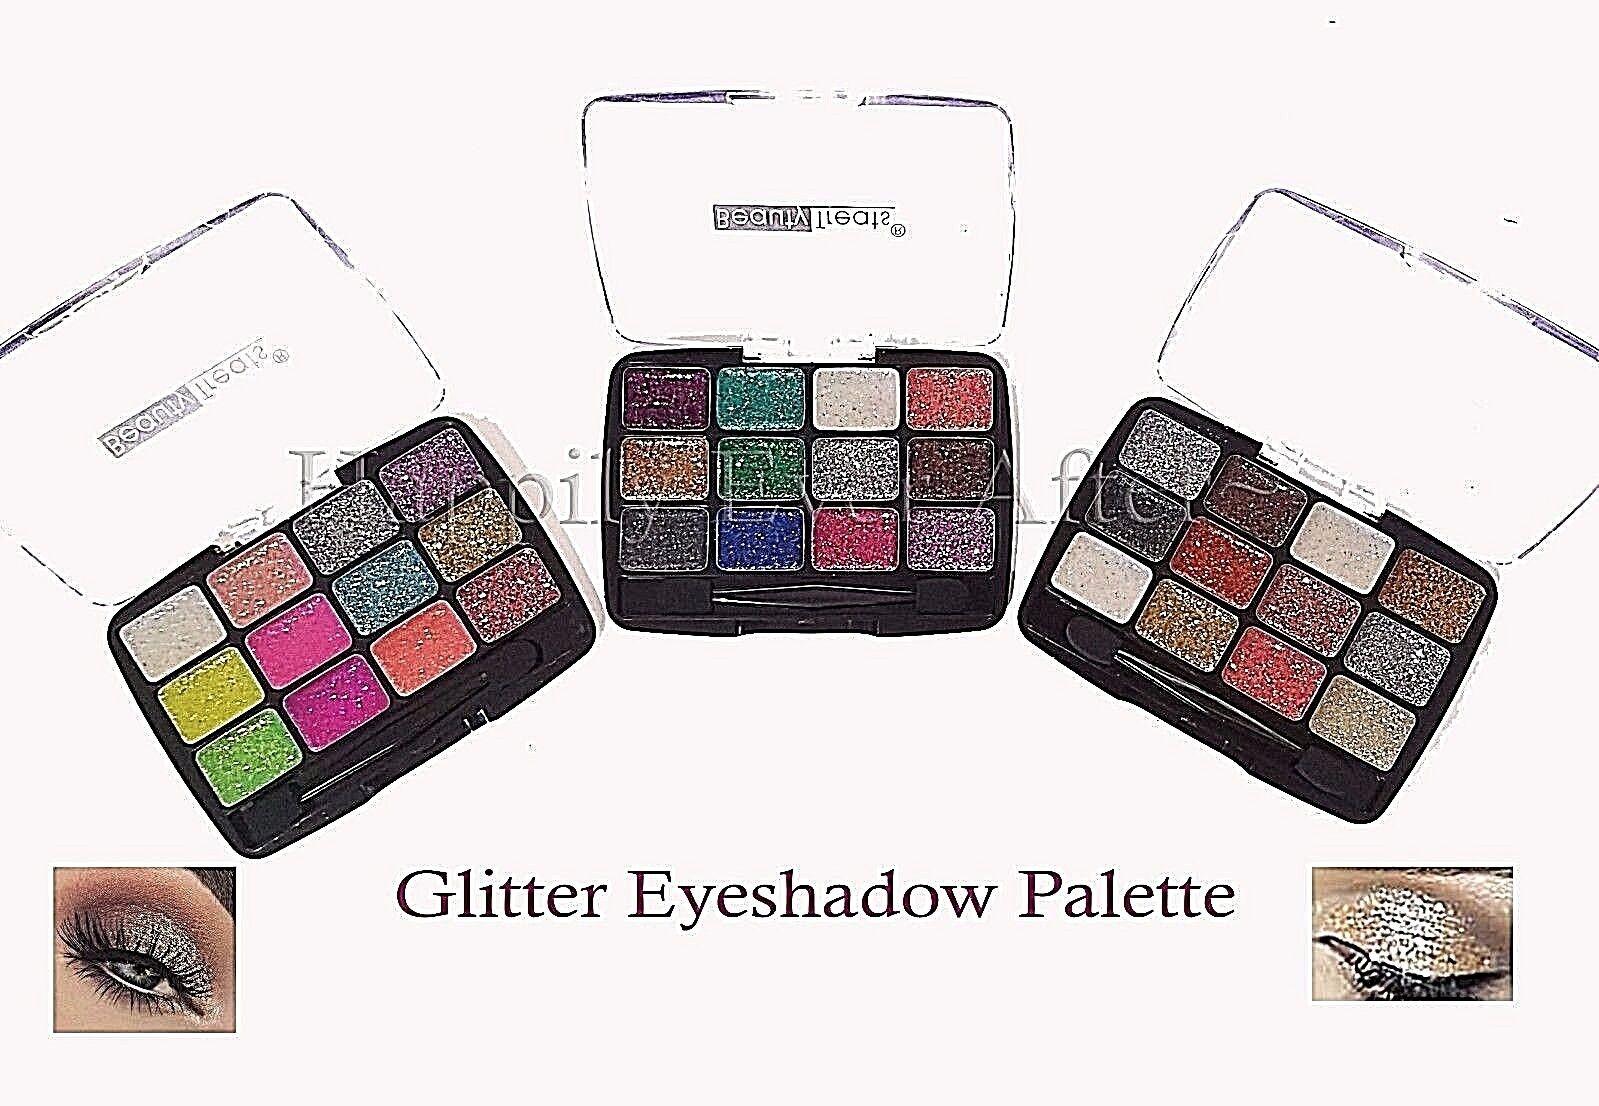 Glitter Eyeshadow Palette Beauty Treats 12 Color Glitter Pal